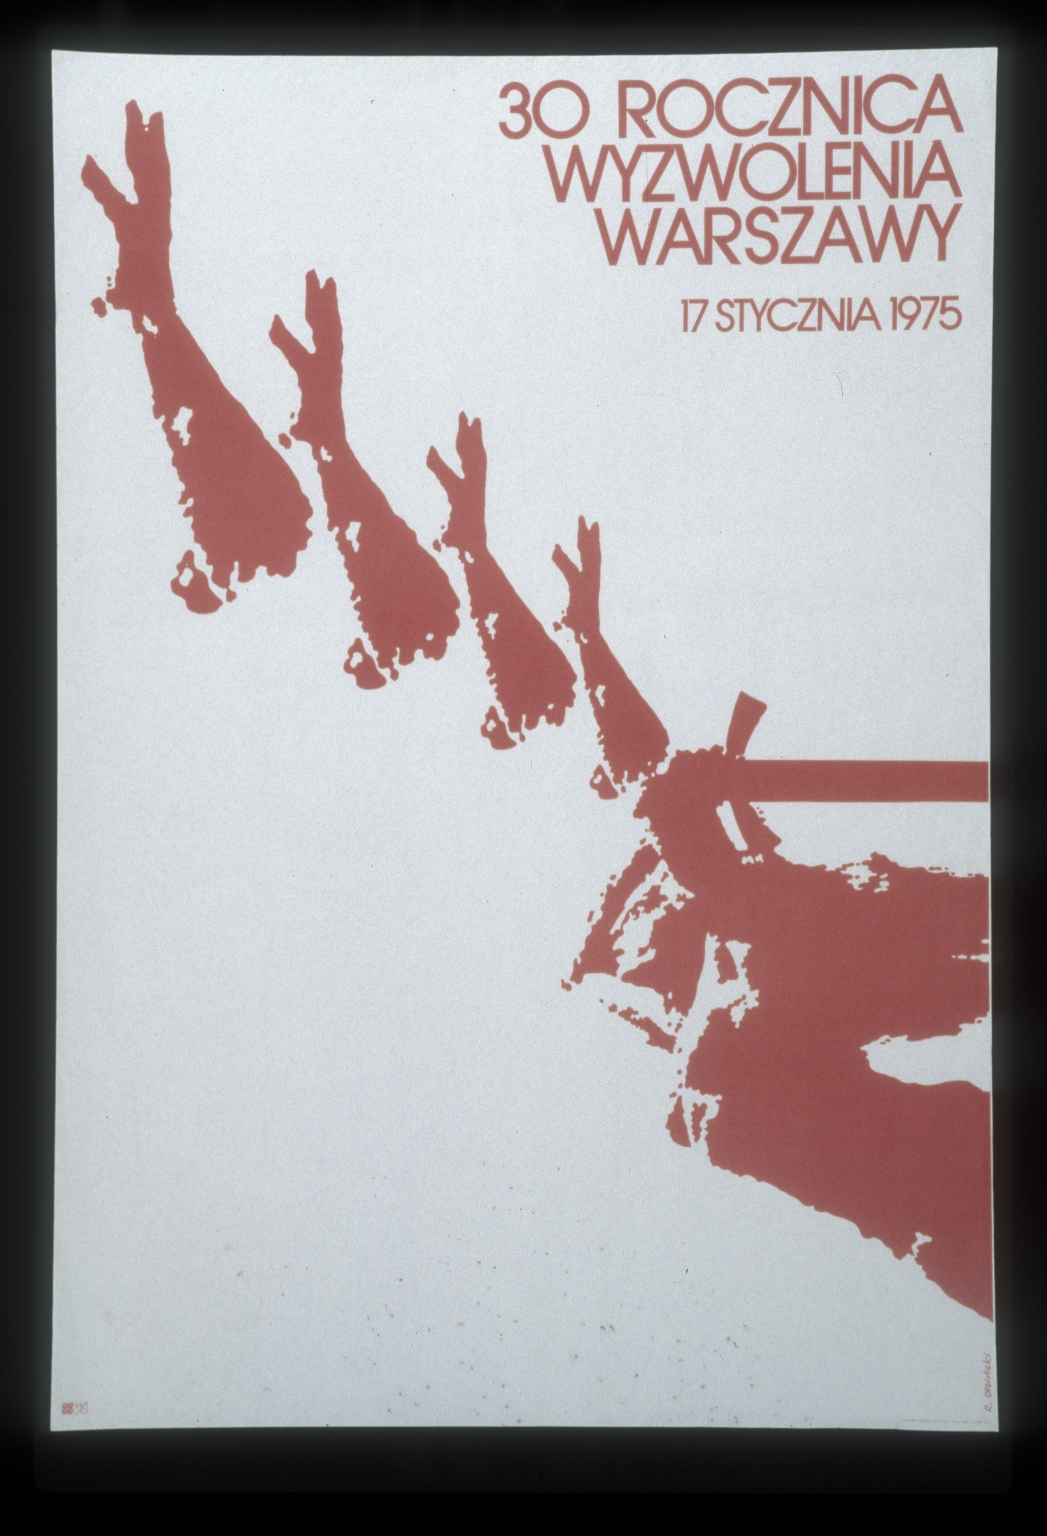 30 rocznica wyzwolenia Warszawy, 17 stycznia 1975